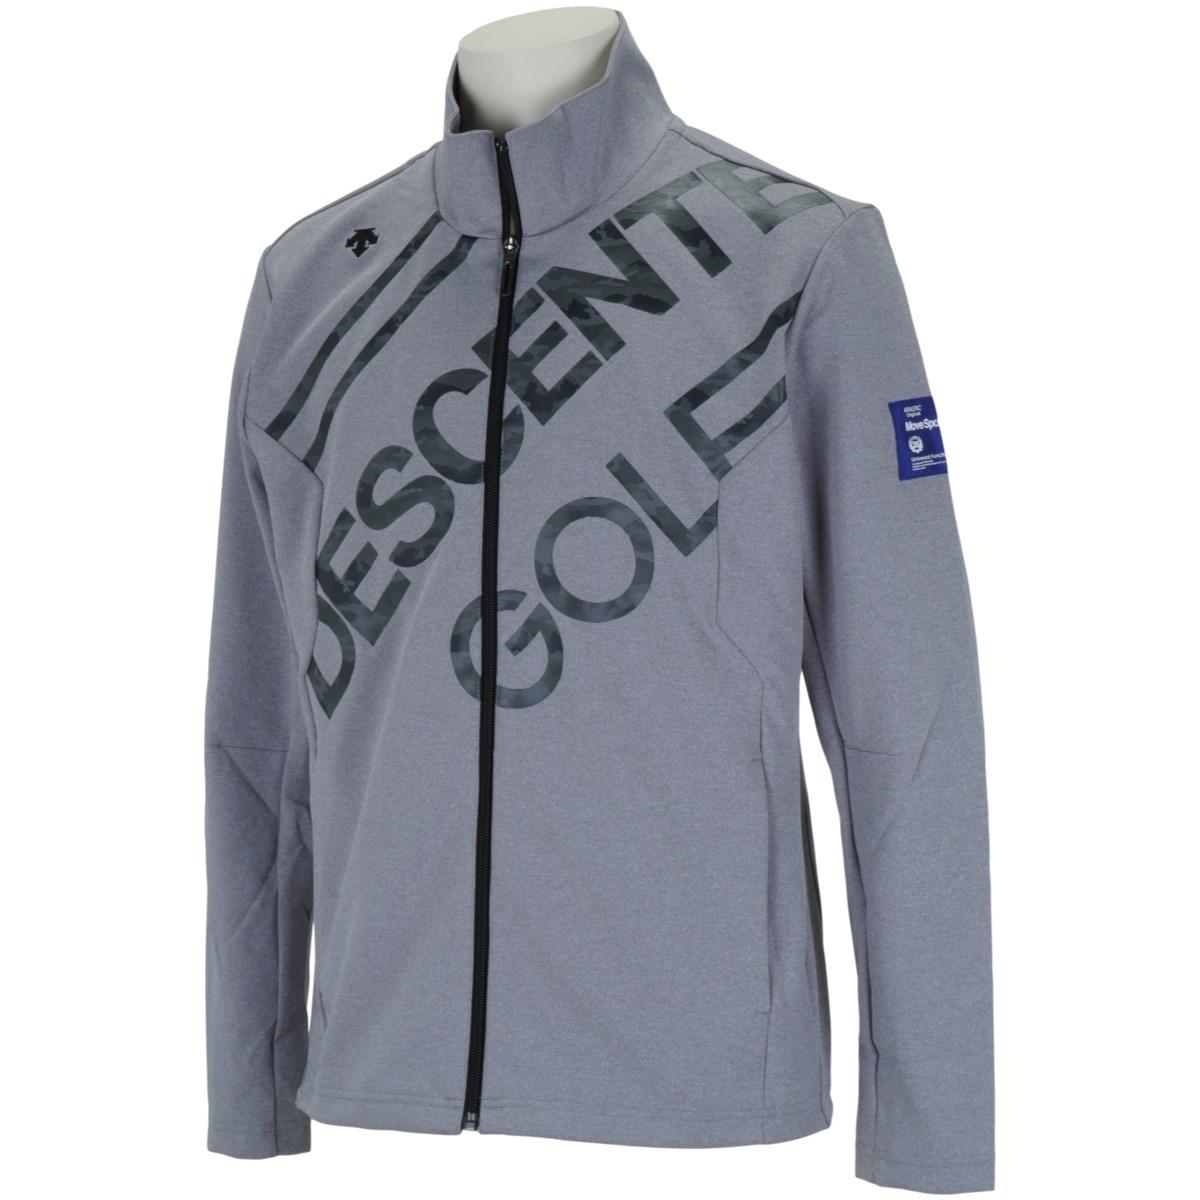 デサントゴルフ DESCENTE GOLF BLUE LABEL デルタカモフラロゴプリントジャージー ジャケット M グレー 00